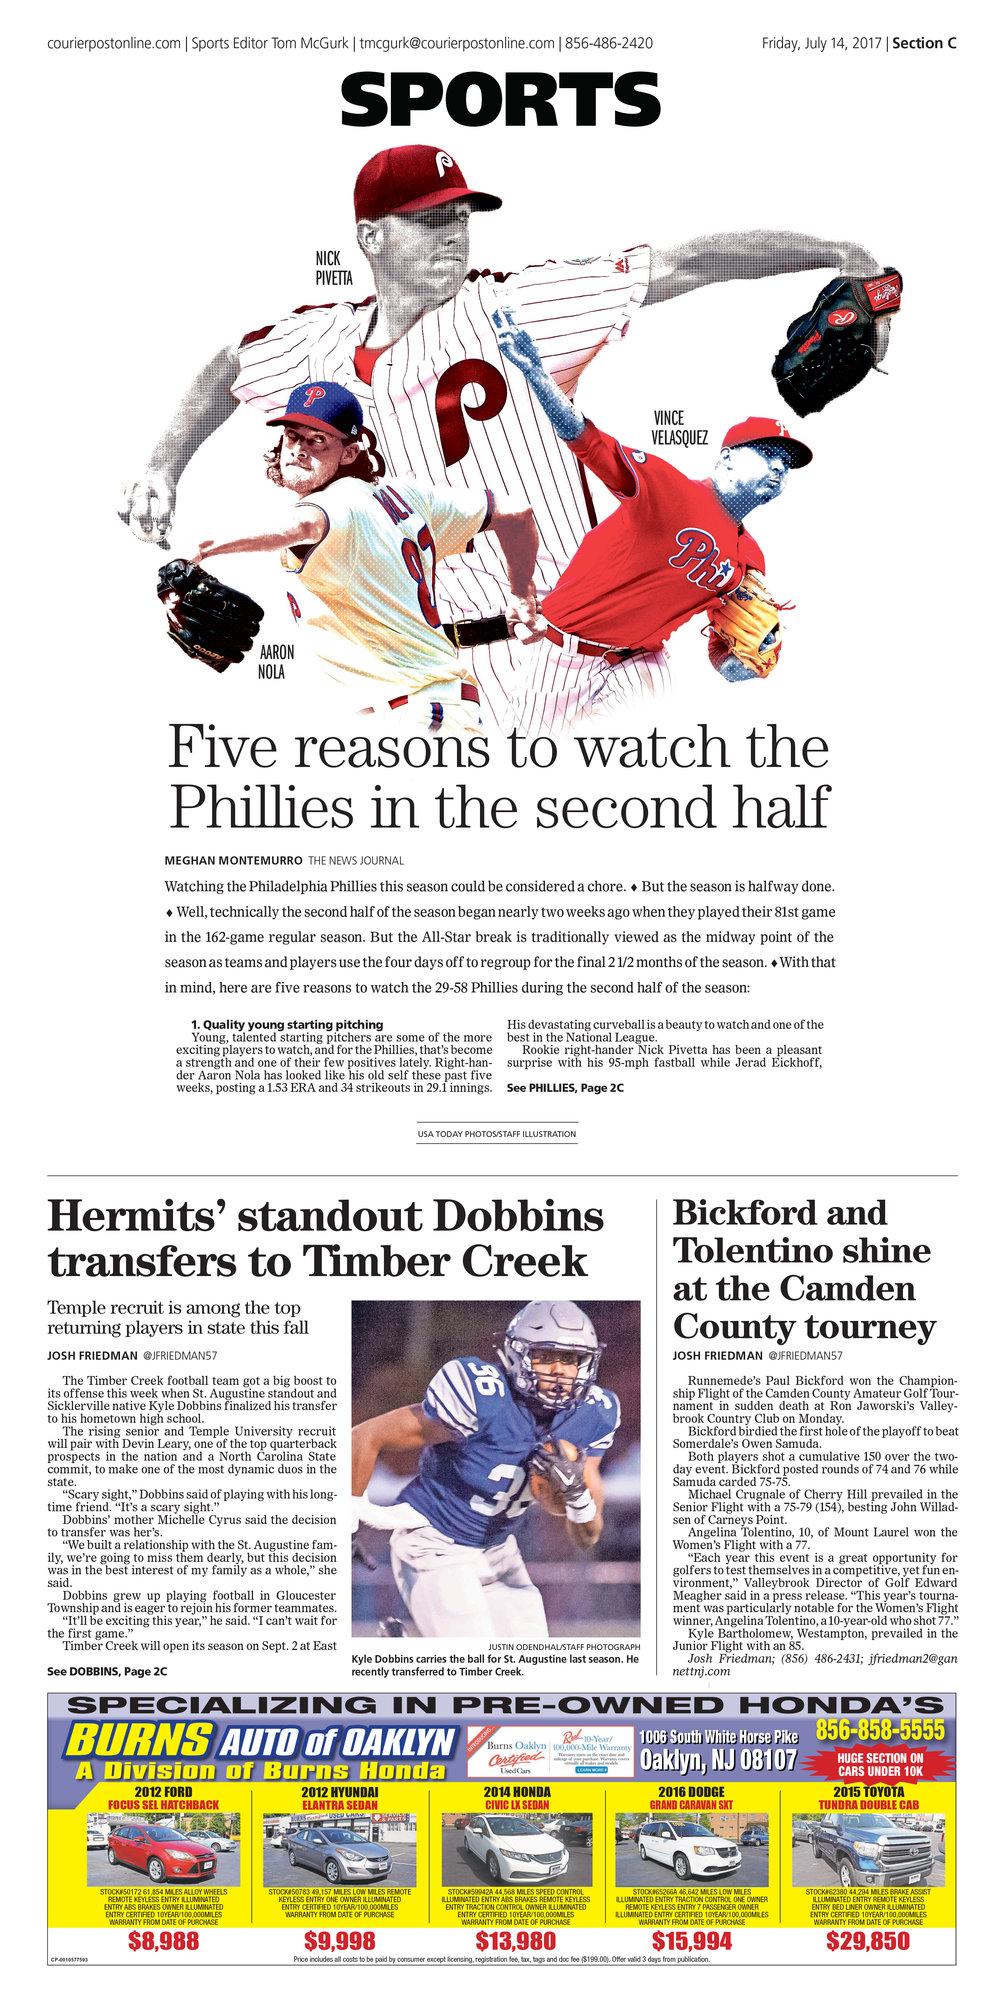 Sports-Cov, CHLBrd 07-14-2017, Daily 1 - Sports.jpg